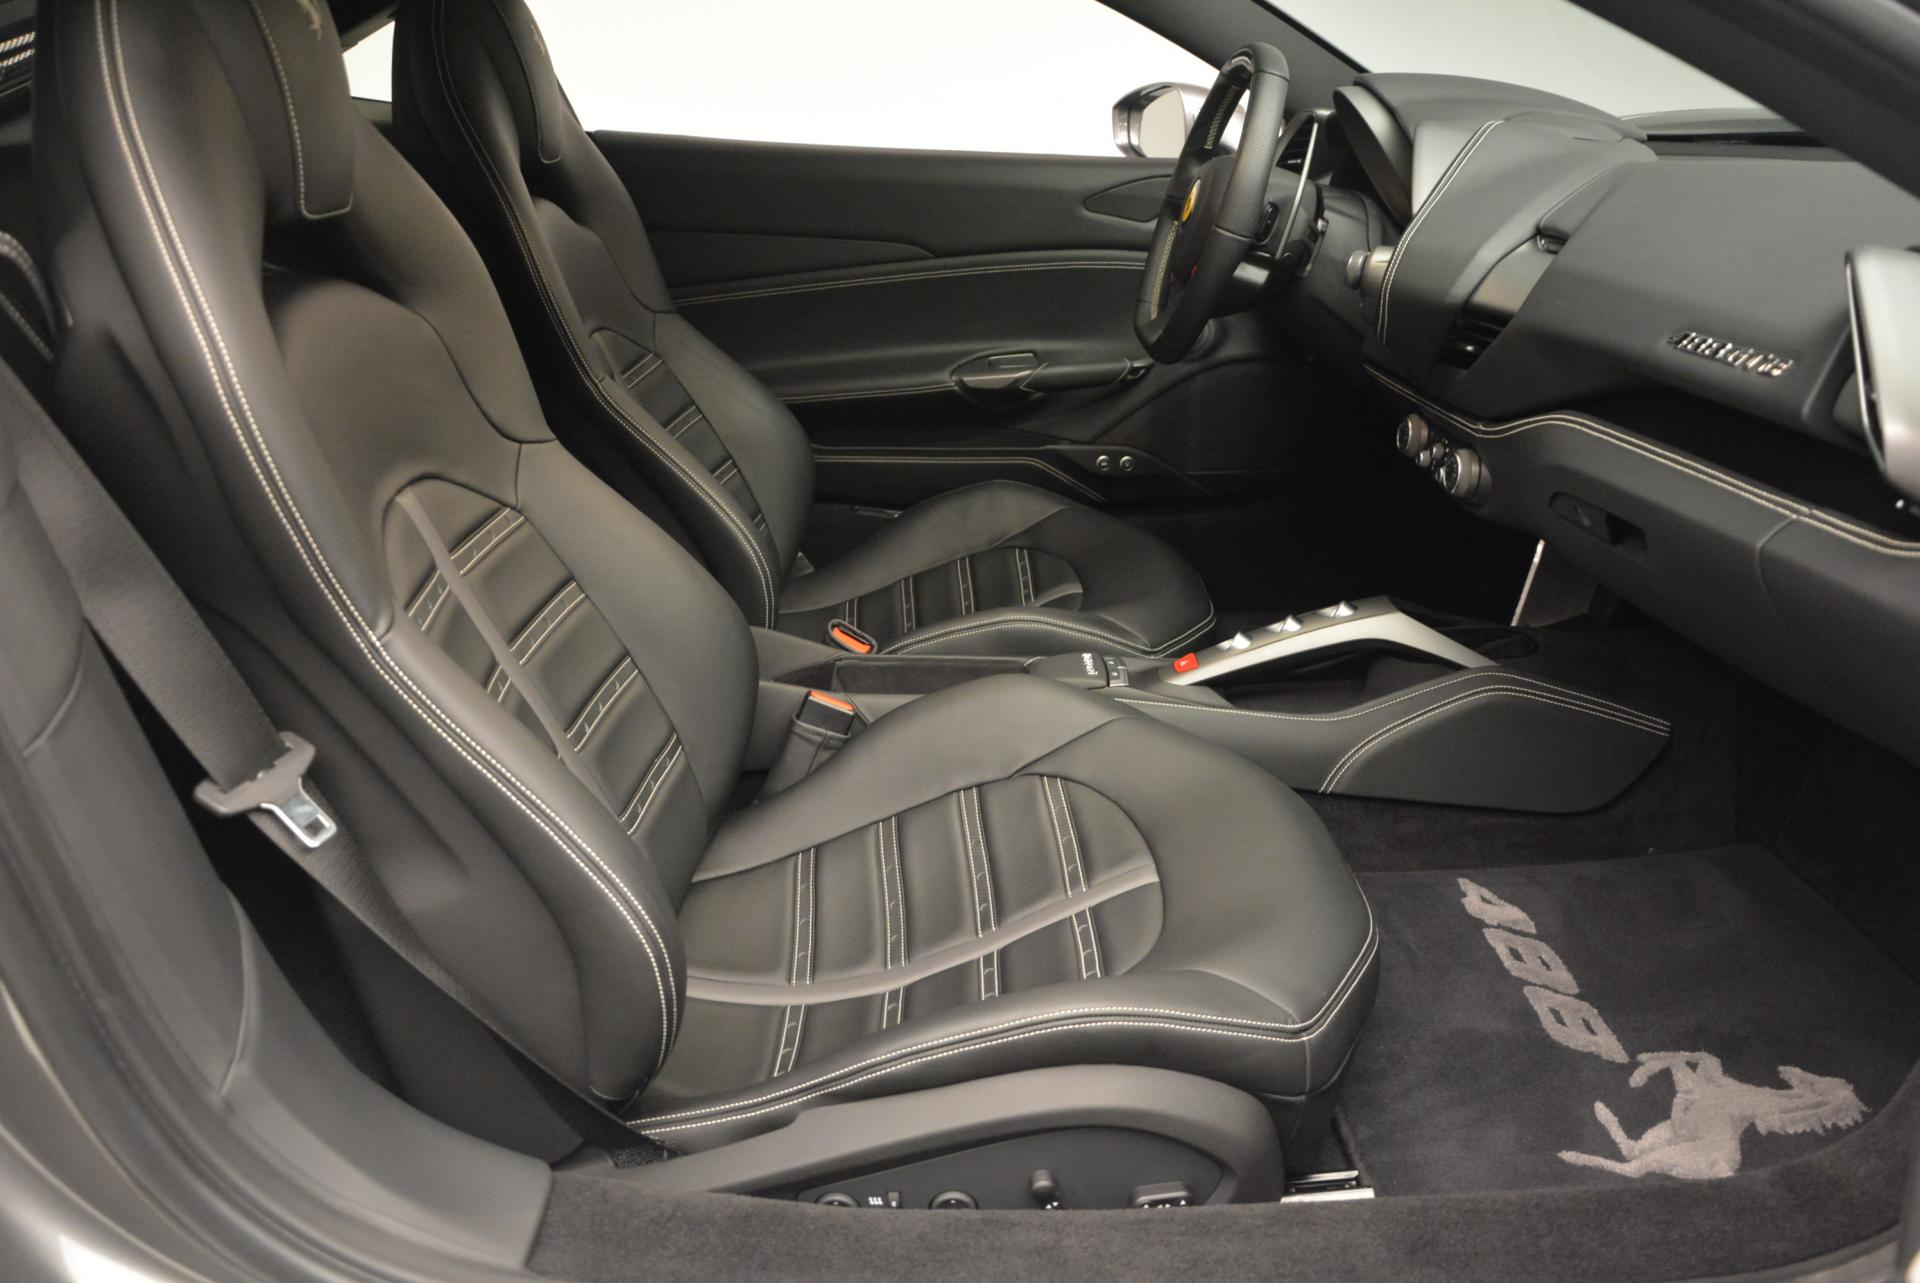 Used 2016 Ferrari 488 GTB  For Sale In Greenwich, CT. Alfa Romeo of Greenwich, 4314 142_p18